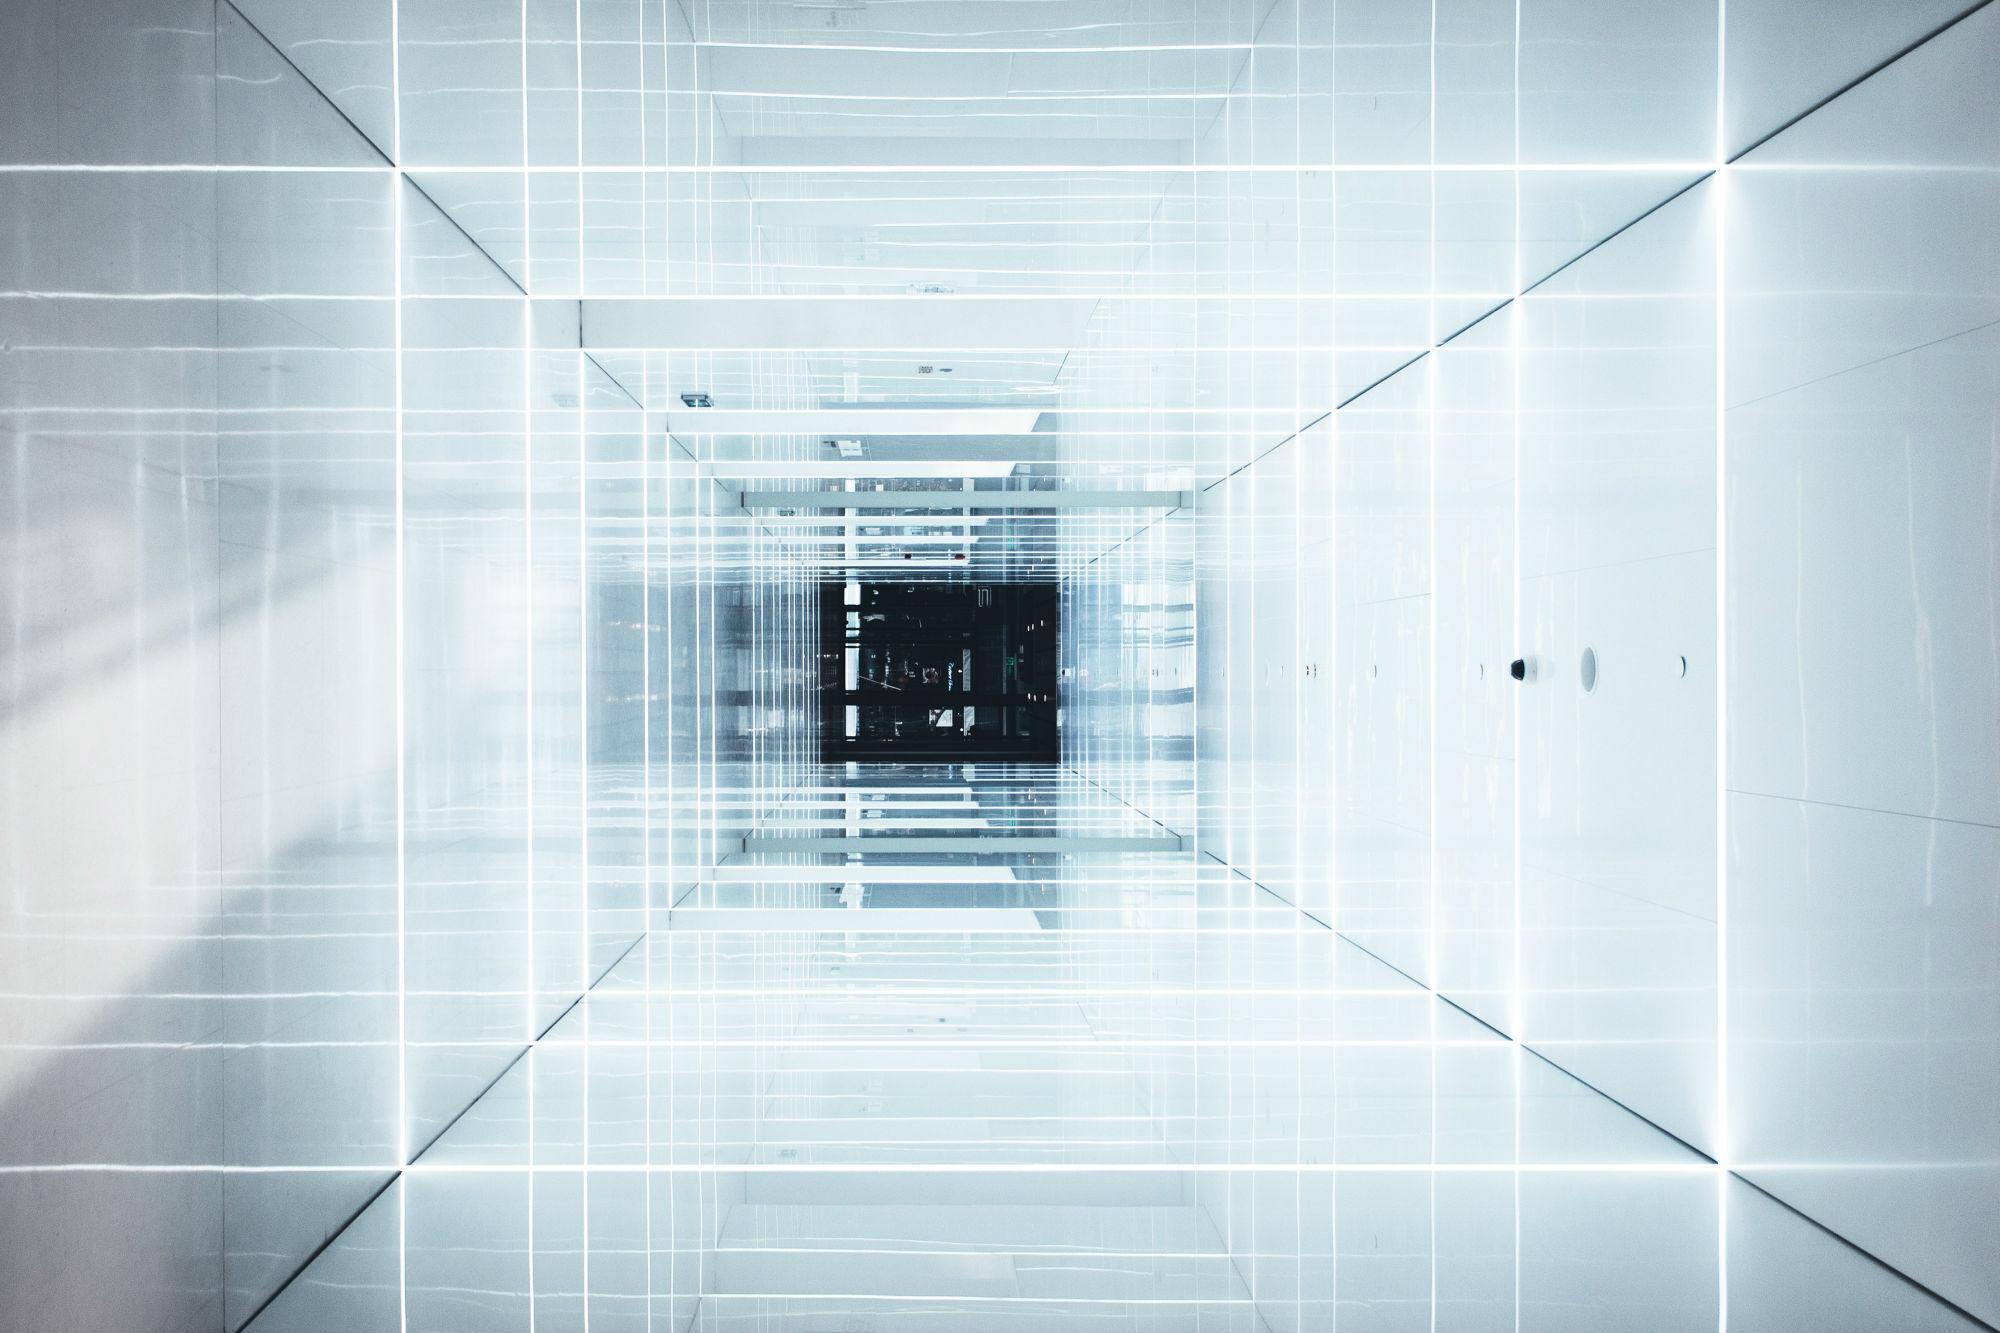 Быть технофобом бессмысленно, даже если технофобия оправдана - 5